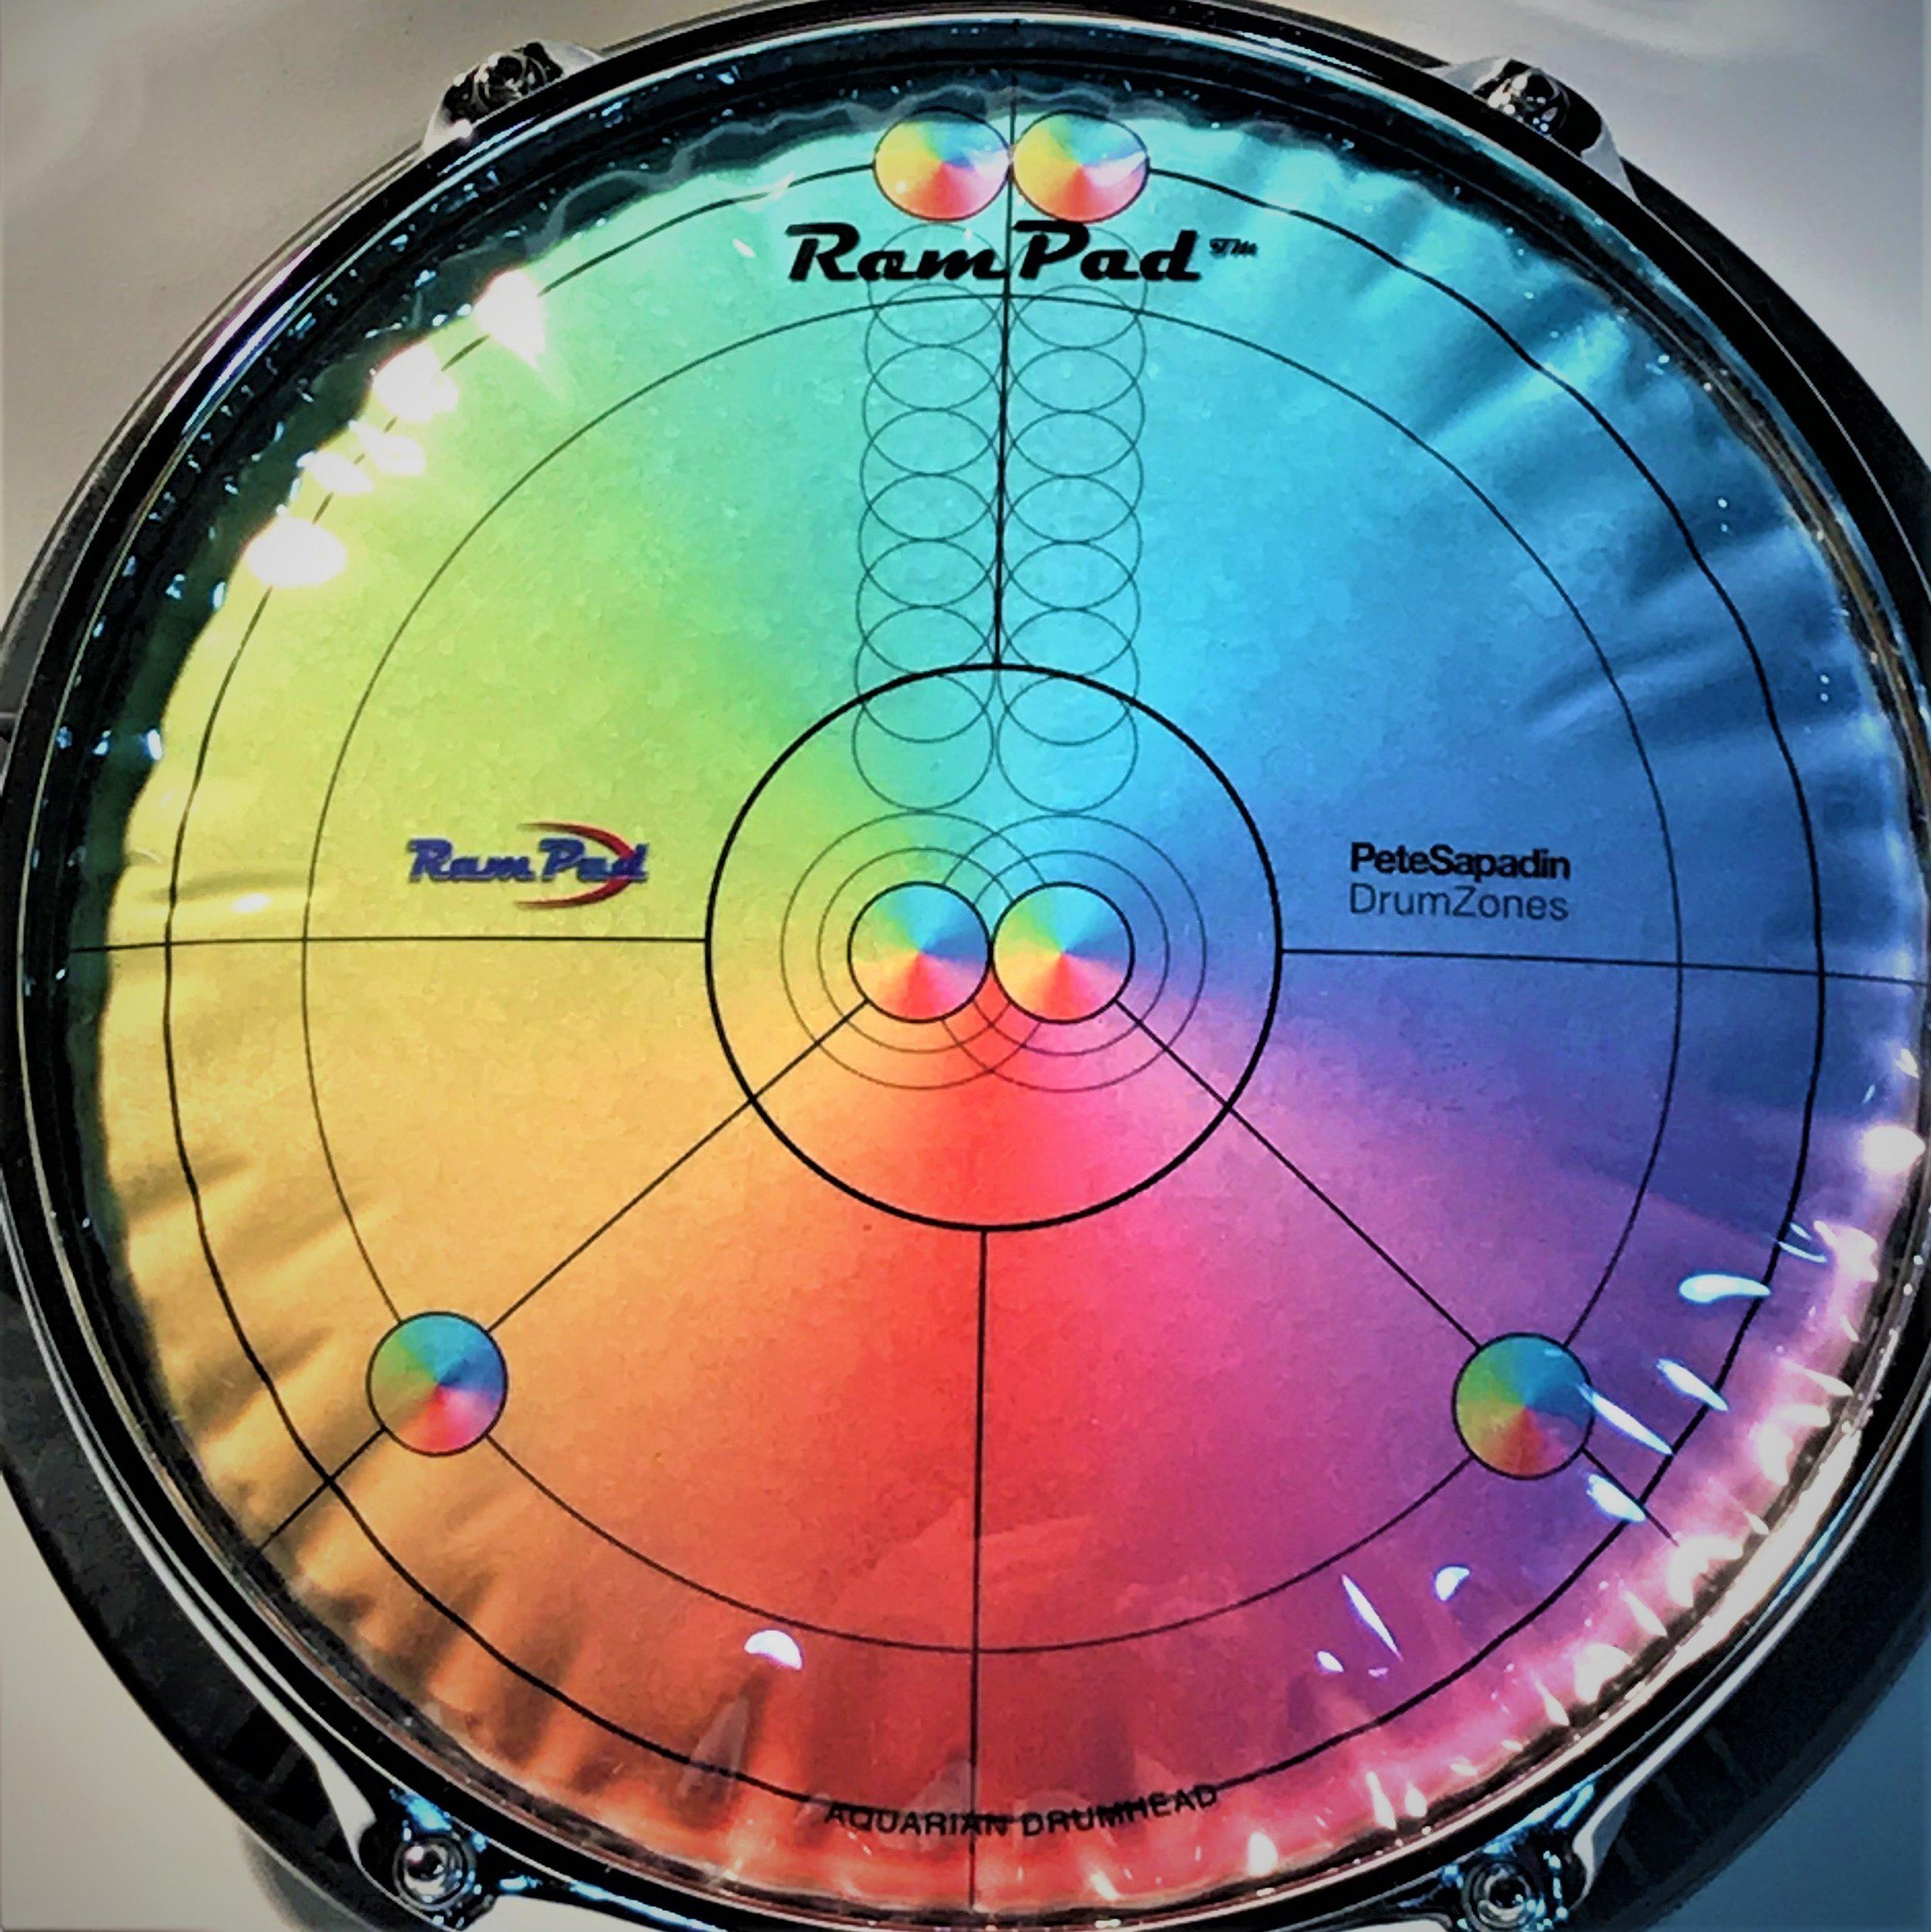 RamPad Pro in Rainbow.jpg